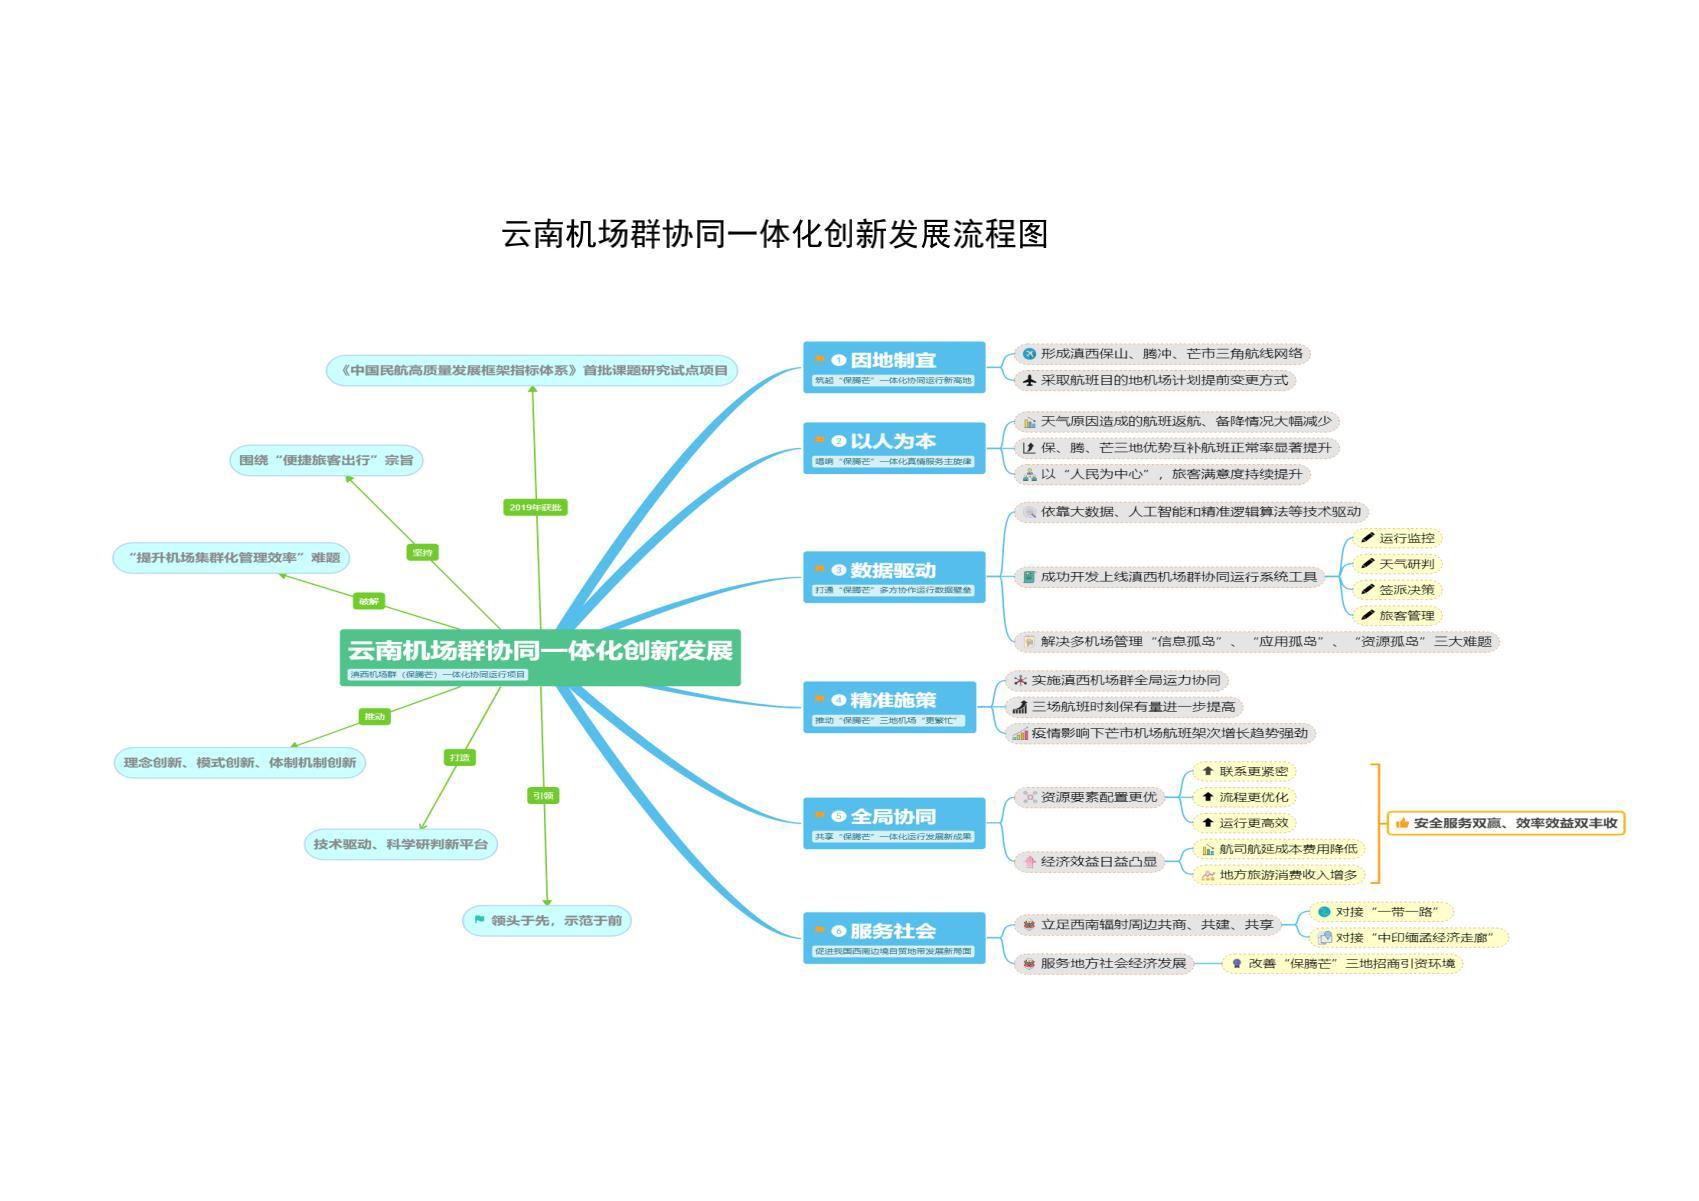 云南机场群协同一体化创新发展流程图